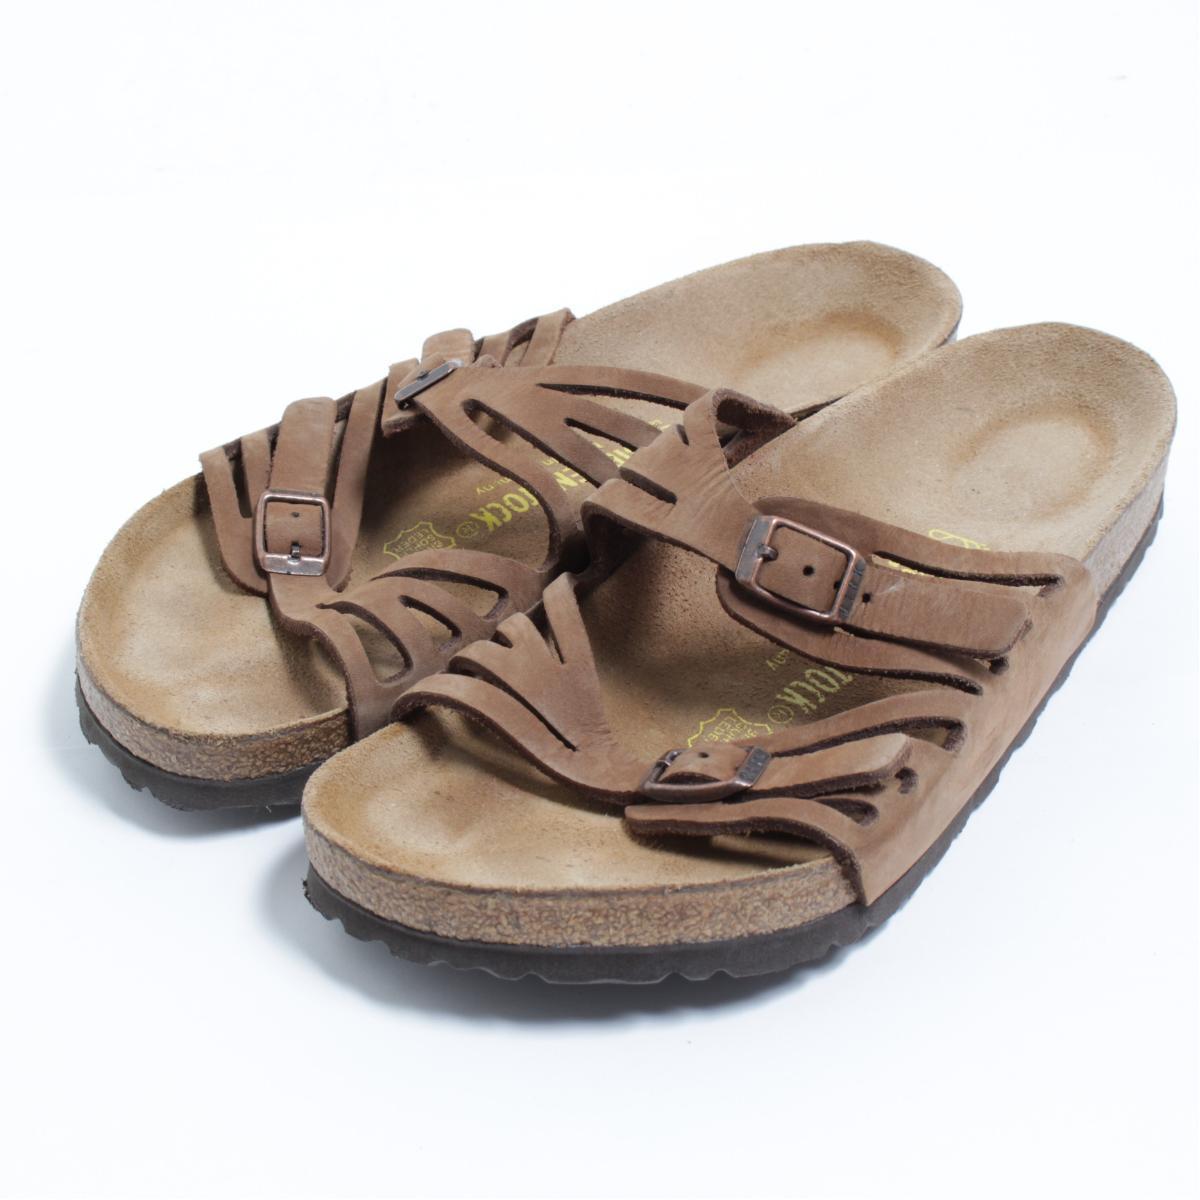 49cac6c8aeba VINTAGE CLOTHING JAM  ビルケンシュトック BIRKENSTOCK comfort sandals ...